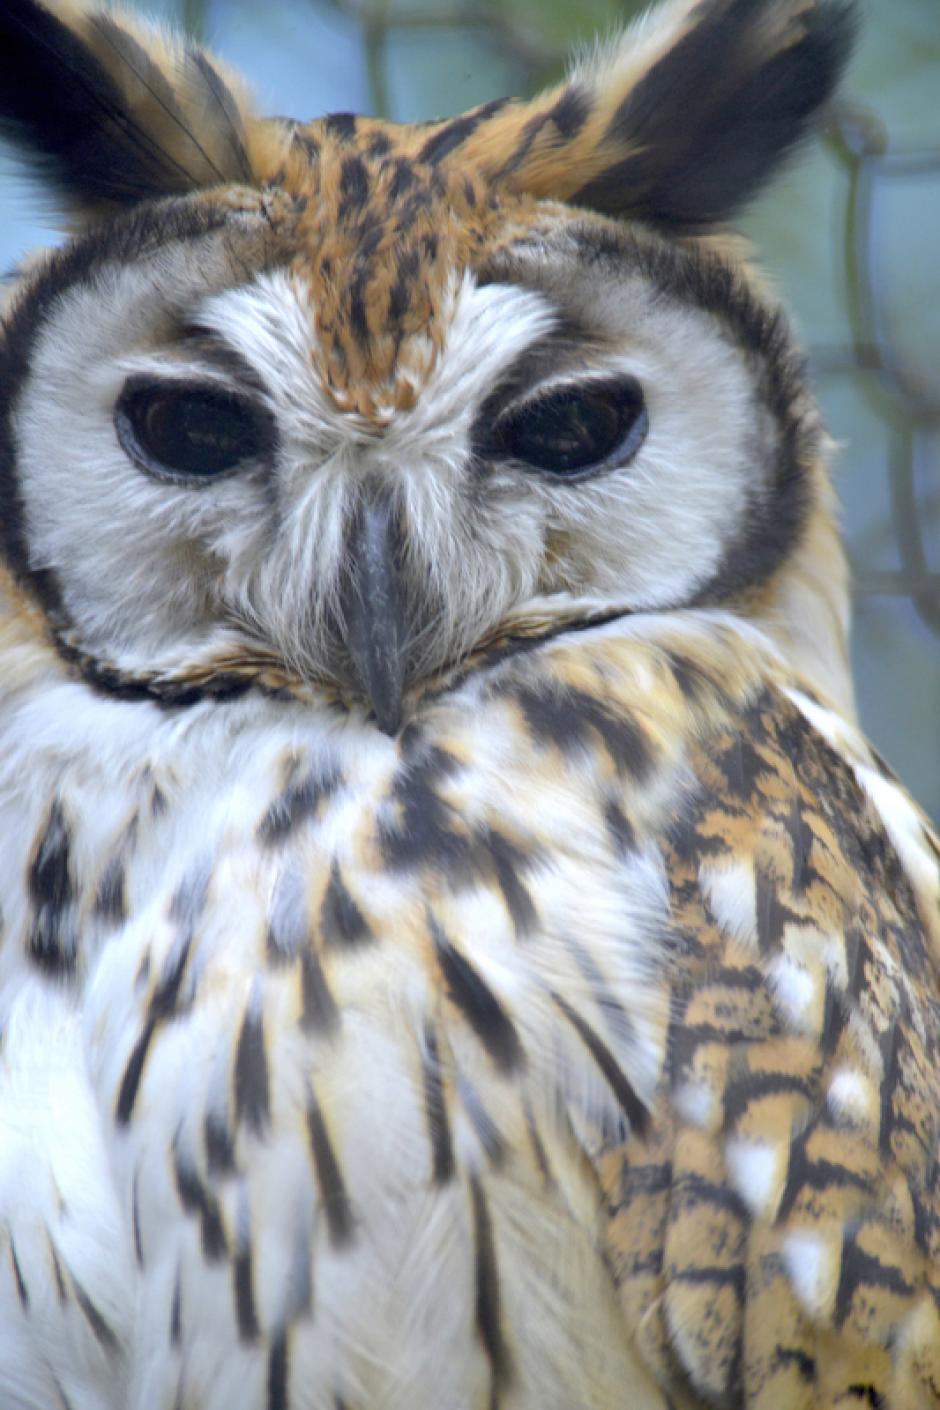 Los búhos tienen tres párpados para proteger sus enormes ojos. (Foto: Deccio Serrano/Nuestro Diario)